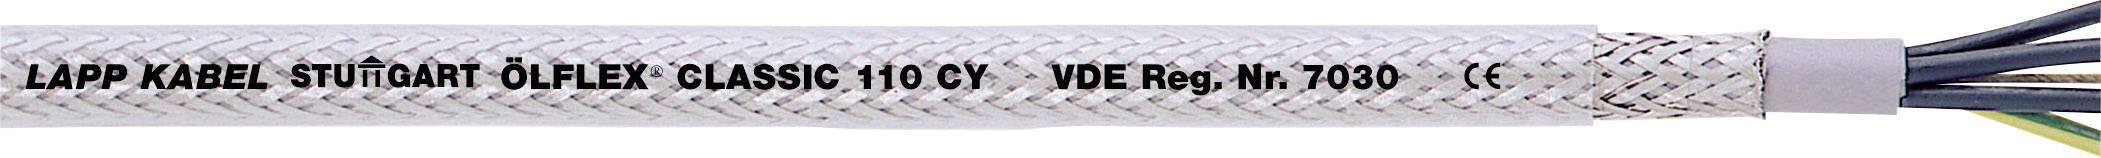 Řídicí kabel LAPP ÖLFLEX® CLASSIC 110 CY 1135107, 7 G 0.75 mm², vnější Ø 9.70 mm, transparentní, metrové zboží